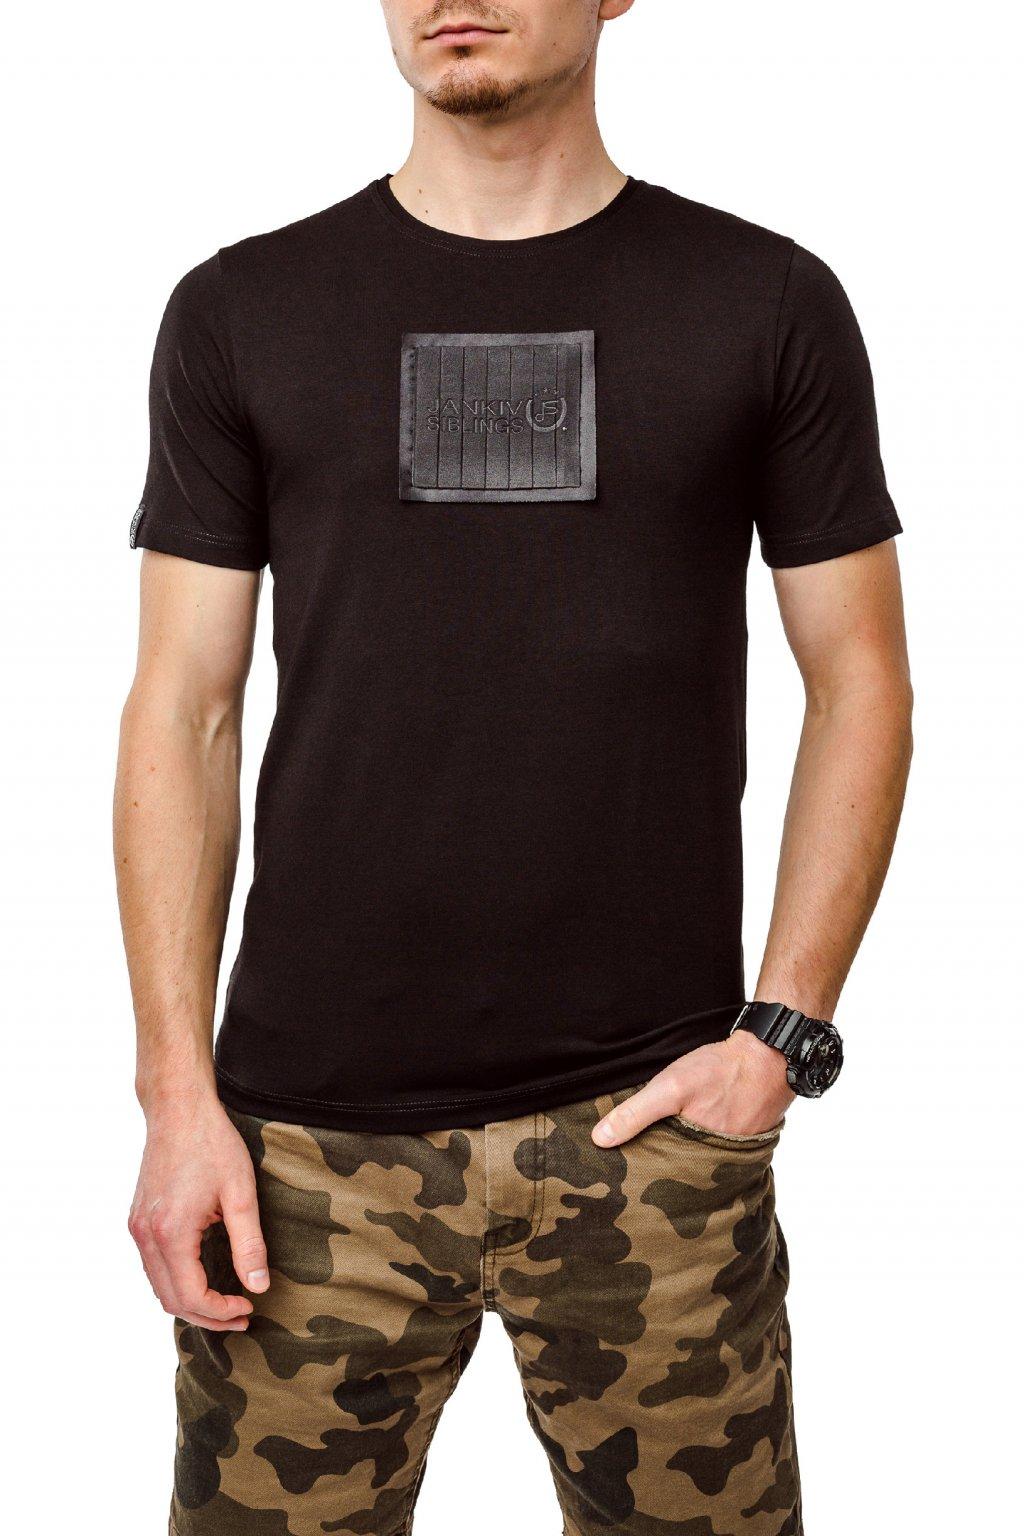 pánske tričko, unisex tričko, dámske tričko, plisované tričko, frajerské tričko, plissé, tričko jankiv siblings, jankiv siblings, čierne tričko, black tees, black t-shirt, triko, plisované tričko, ručné plissé, navy, maskáč, fitness tričko, fitness tees, fitness t-shirt, made in slovakia, muž, muži, men, mens, gift, darček, vianočný darček